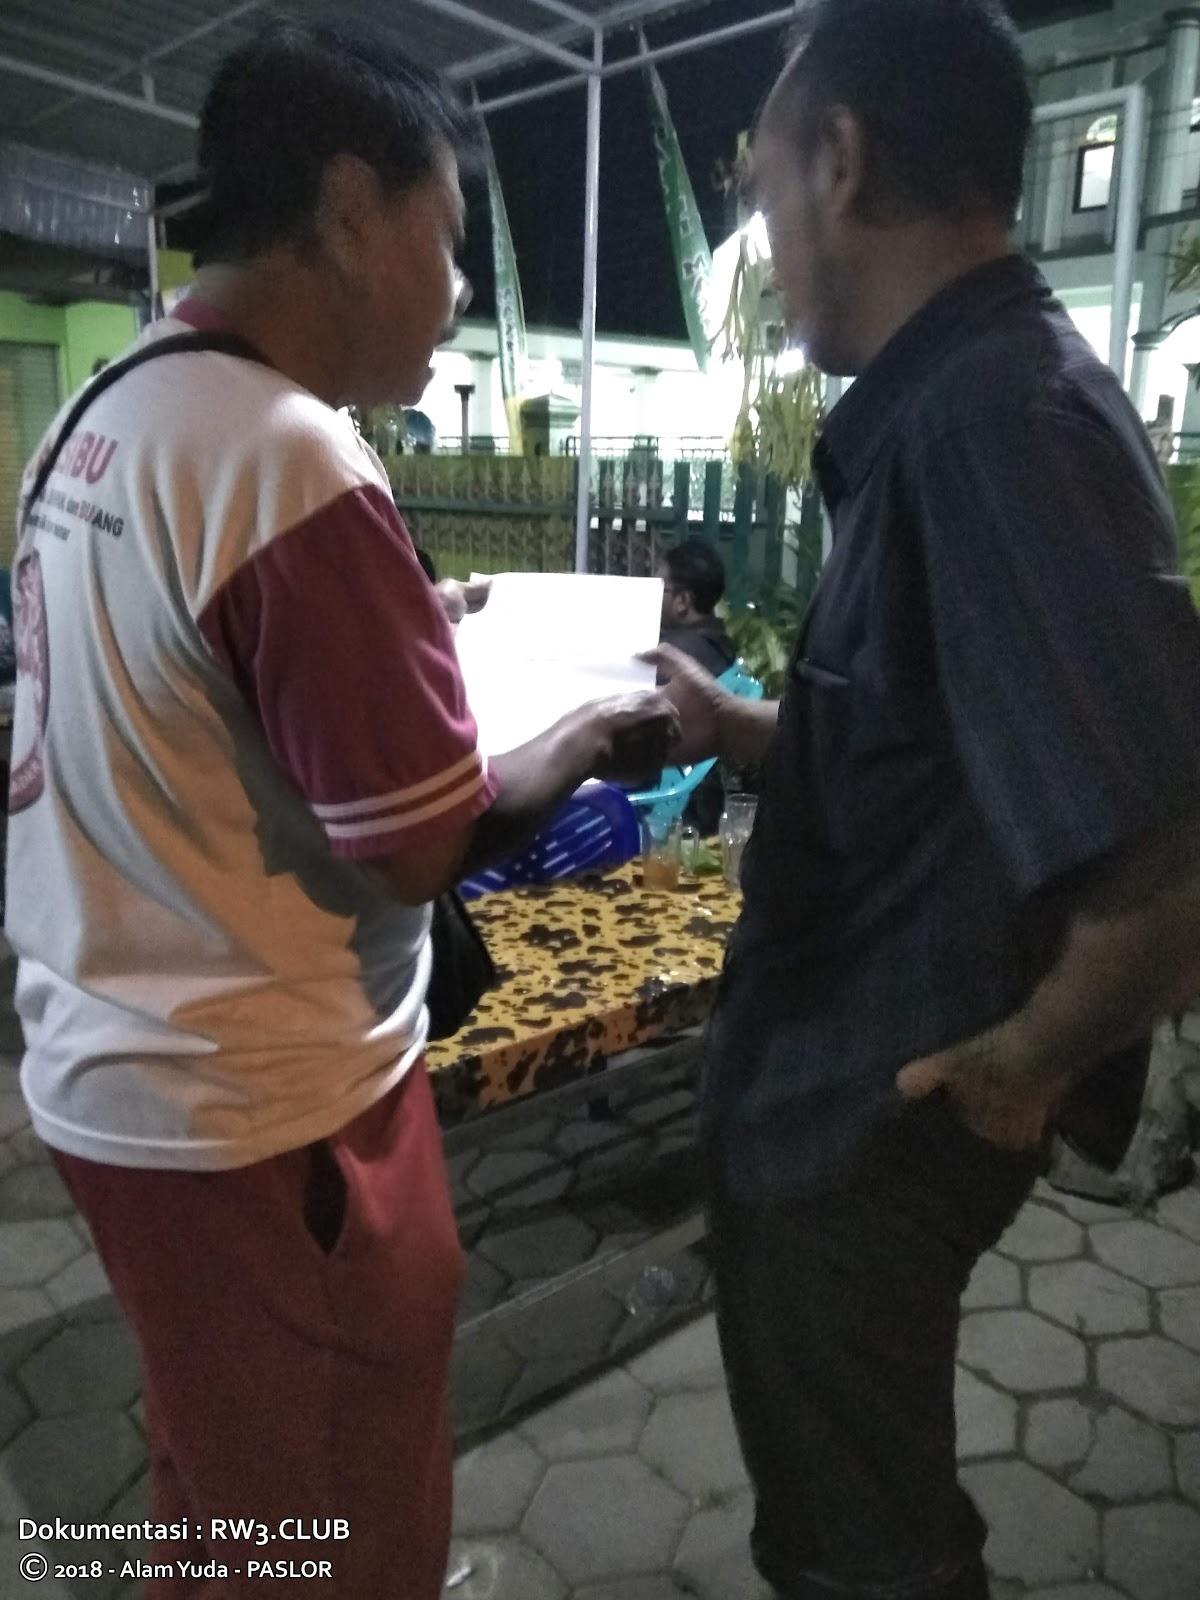 Totok Sunoto, Satria Septadi - Pengurus Komunitas Pemuda-Pemudi RW-3 NgoPi di Angkringan